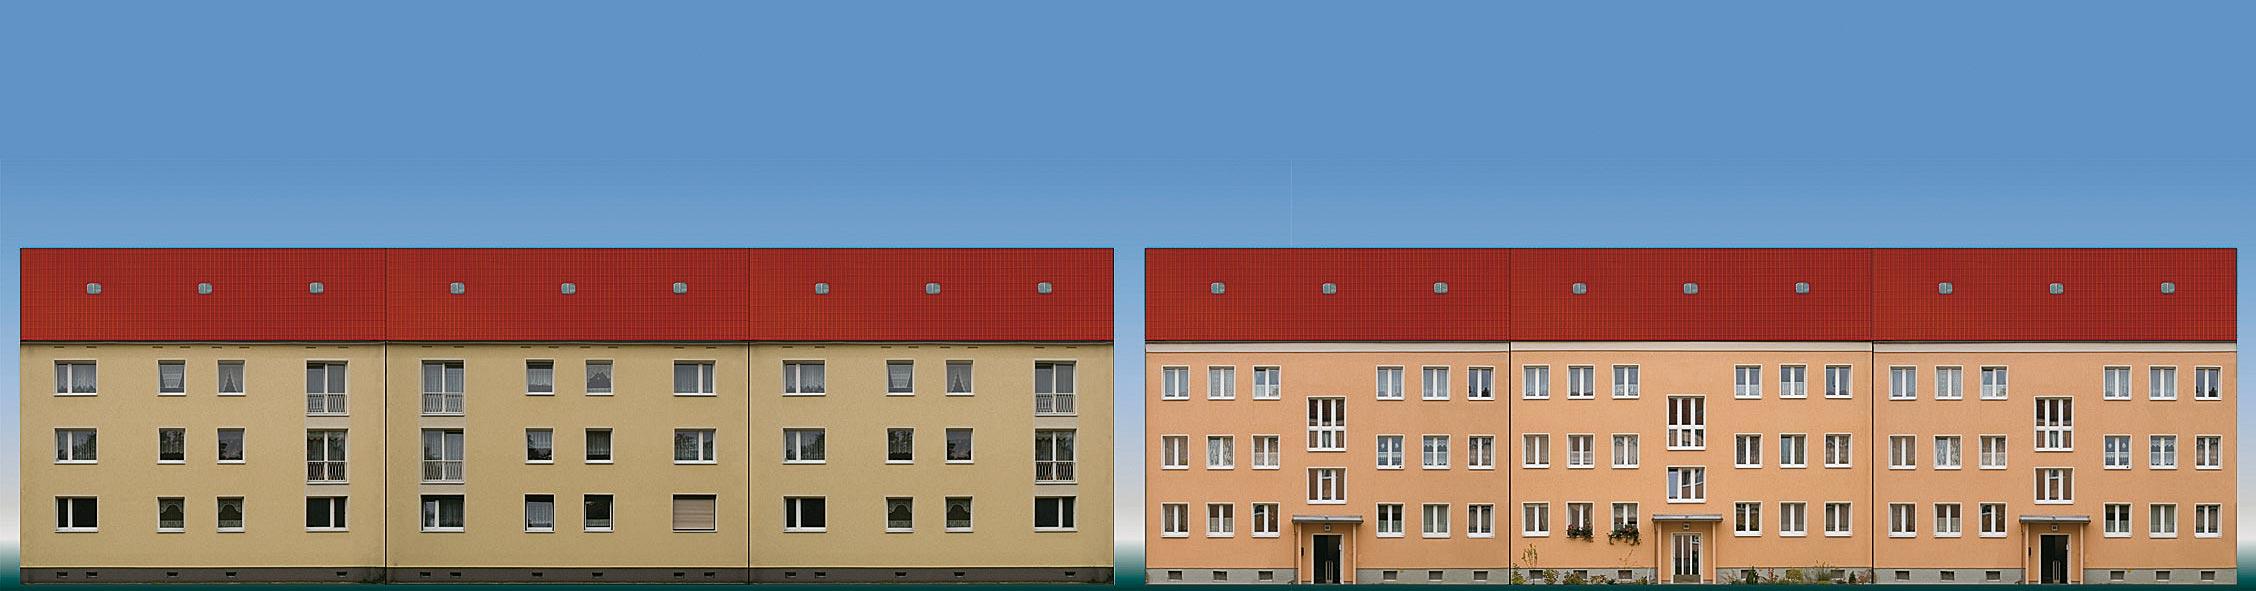 Großartig Heimlichtsteuerung Bilder - Schaltplan Serie Circuit ...